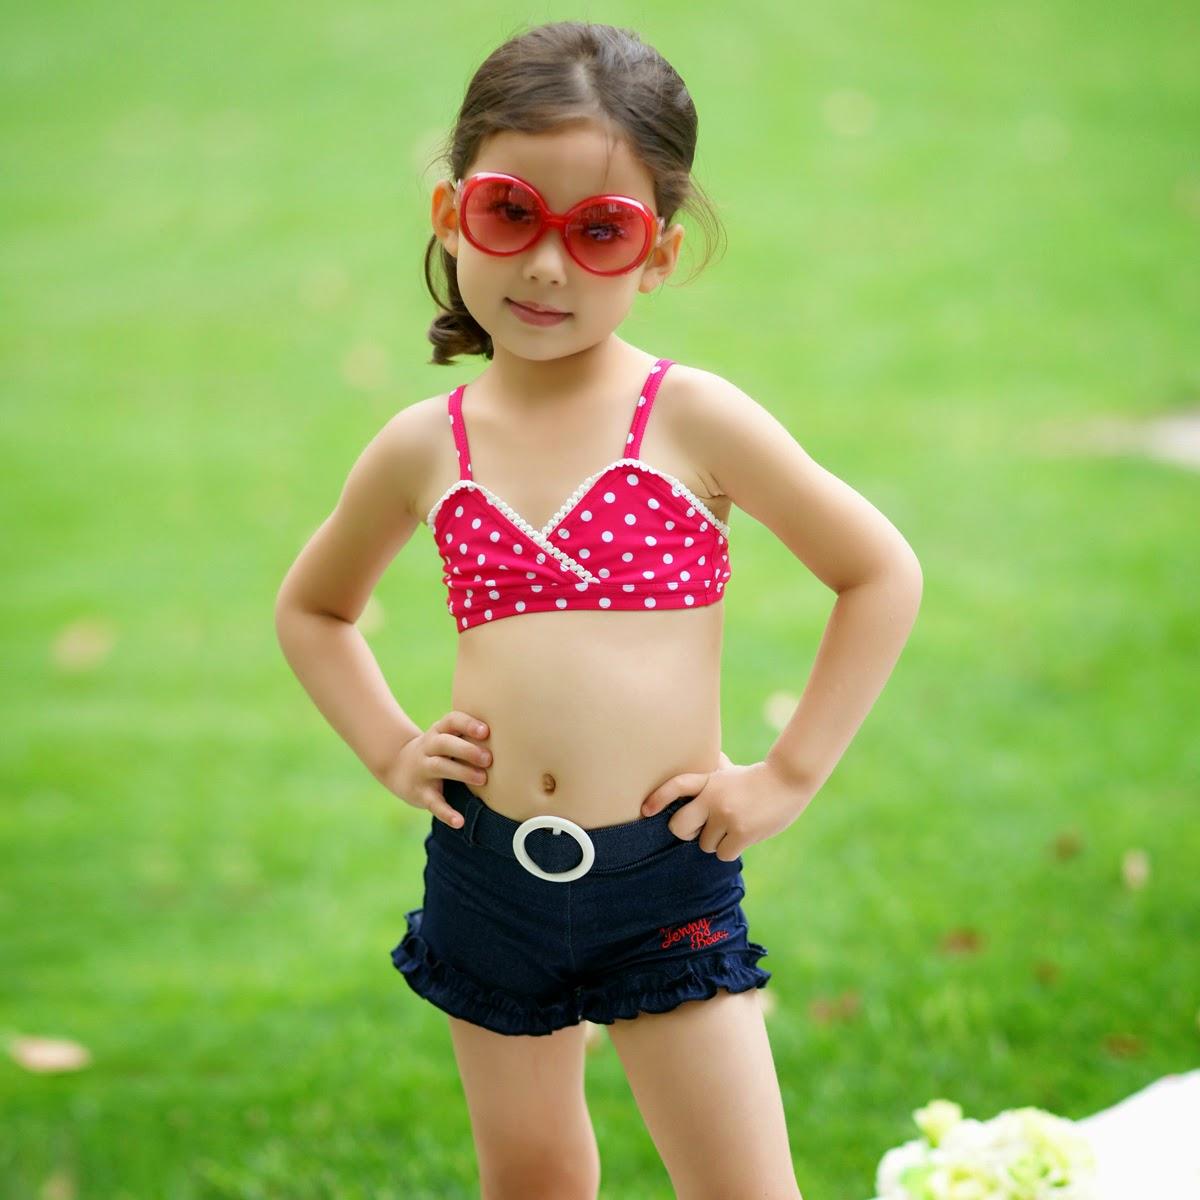 Phát triển về thể chất của trẻ 2 tuổi